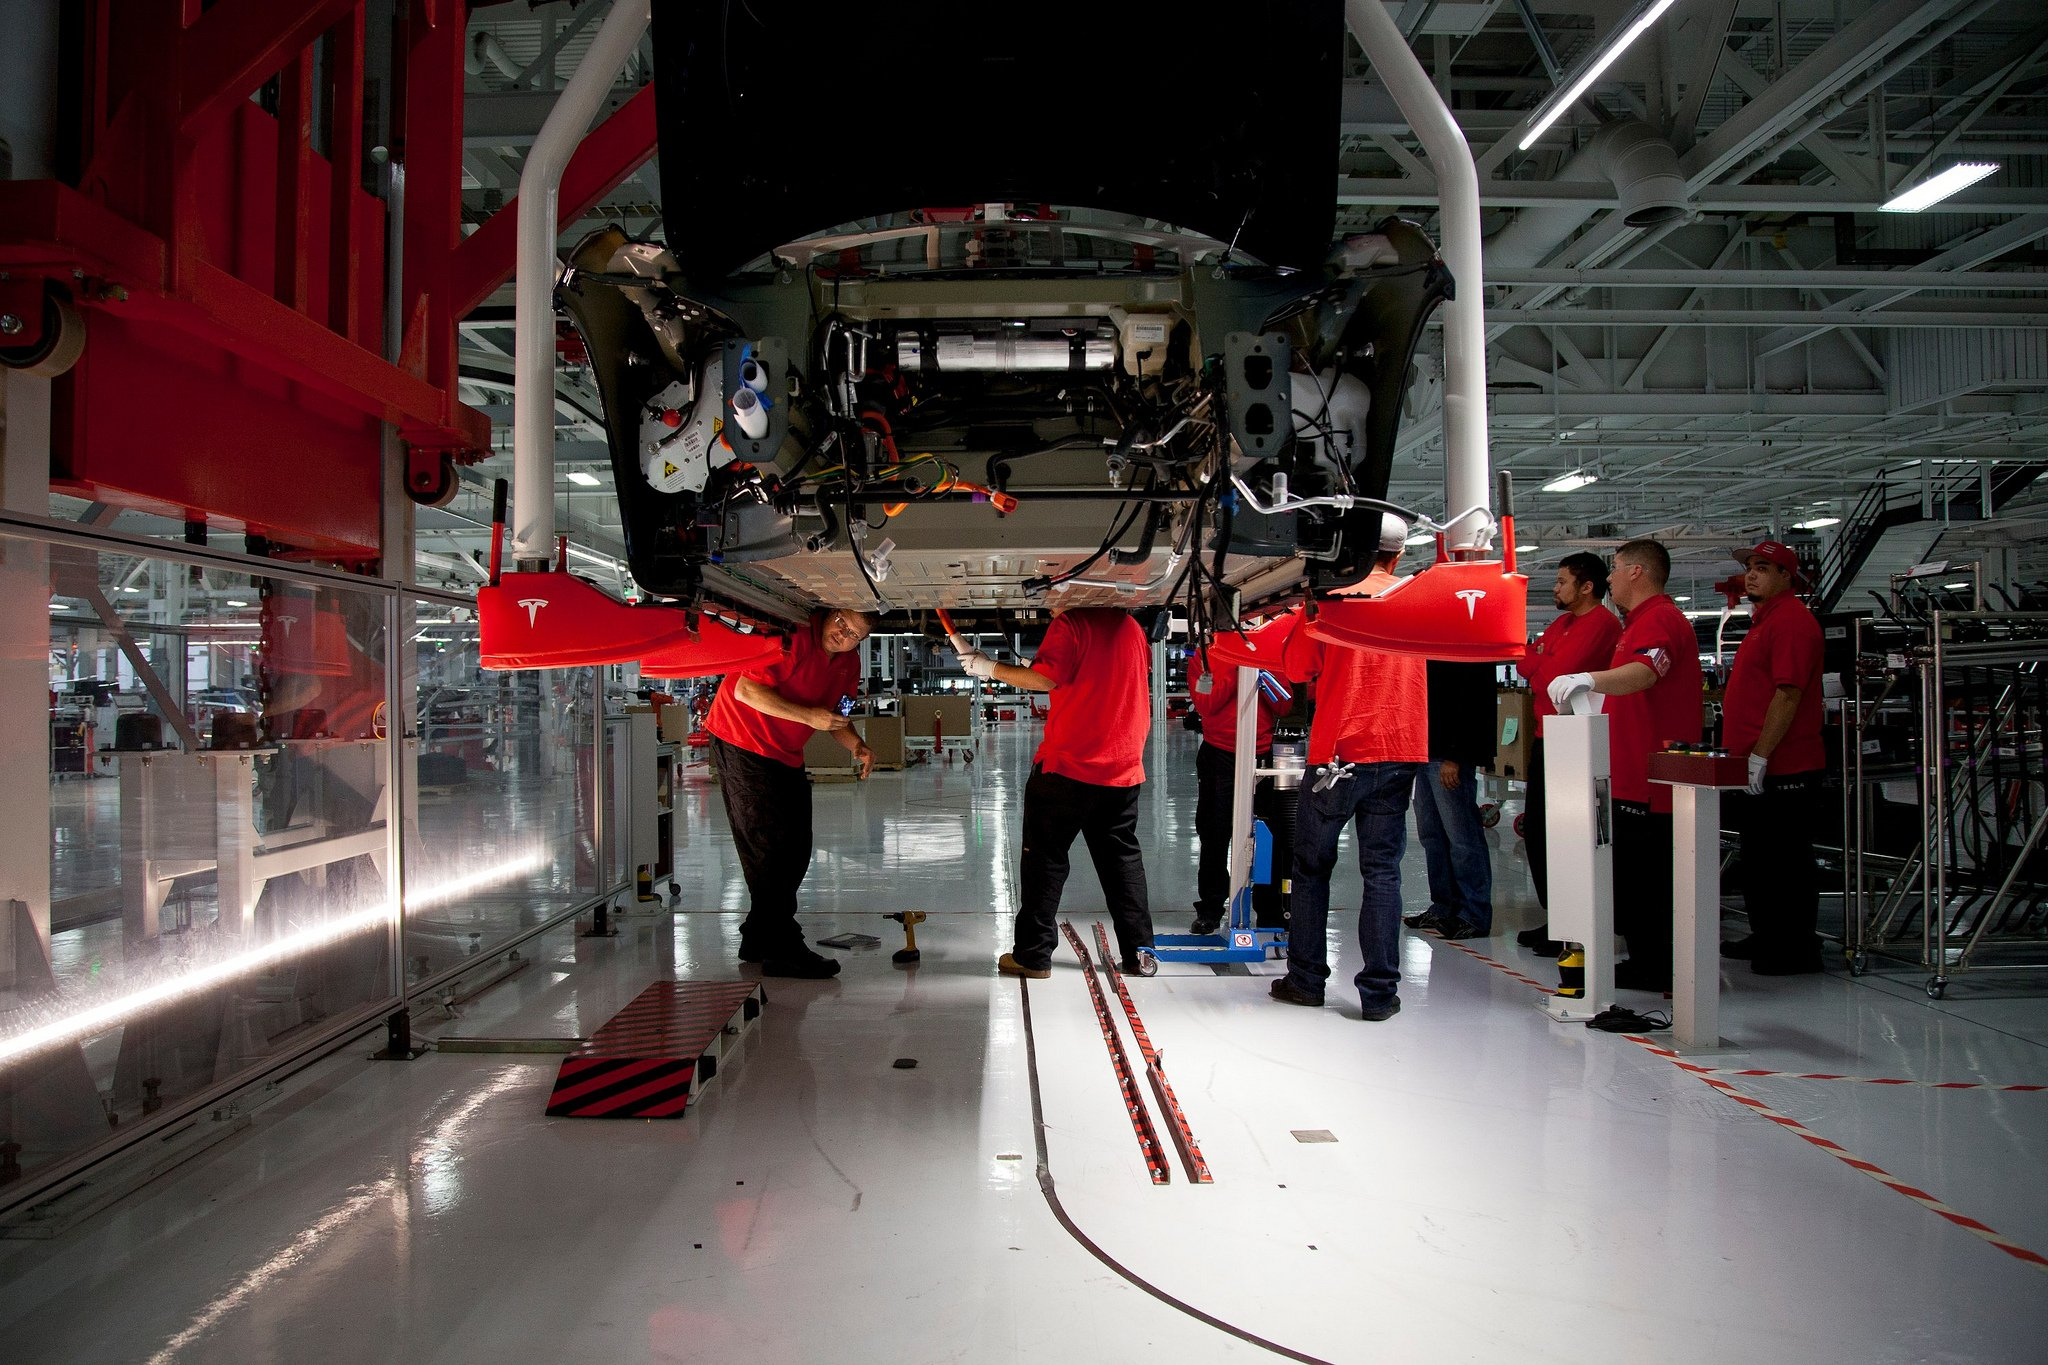 Tesla-Produktion: Der von Tesla selbst entwickelte Akku wird gut gepanzert im Fahrzeugboden untergebracht. Alle 16 Batteriezellen sind noch einmal gegeneinander geschützt.